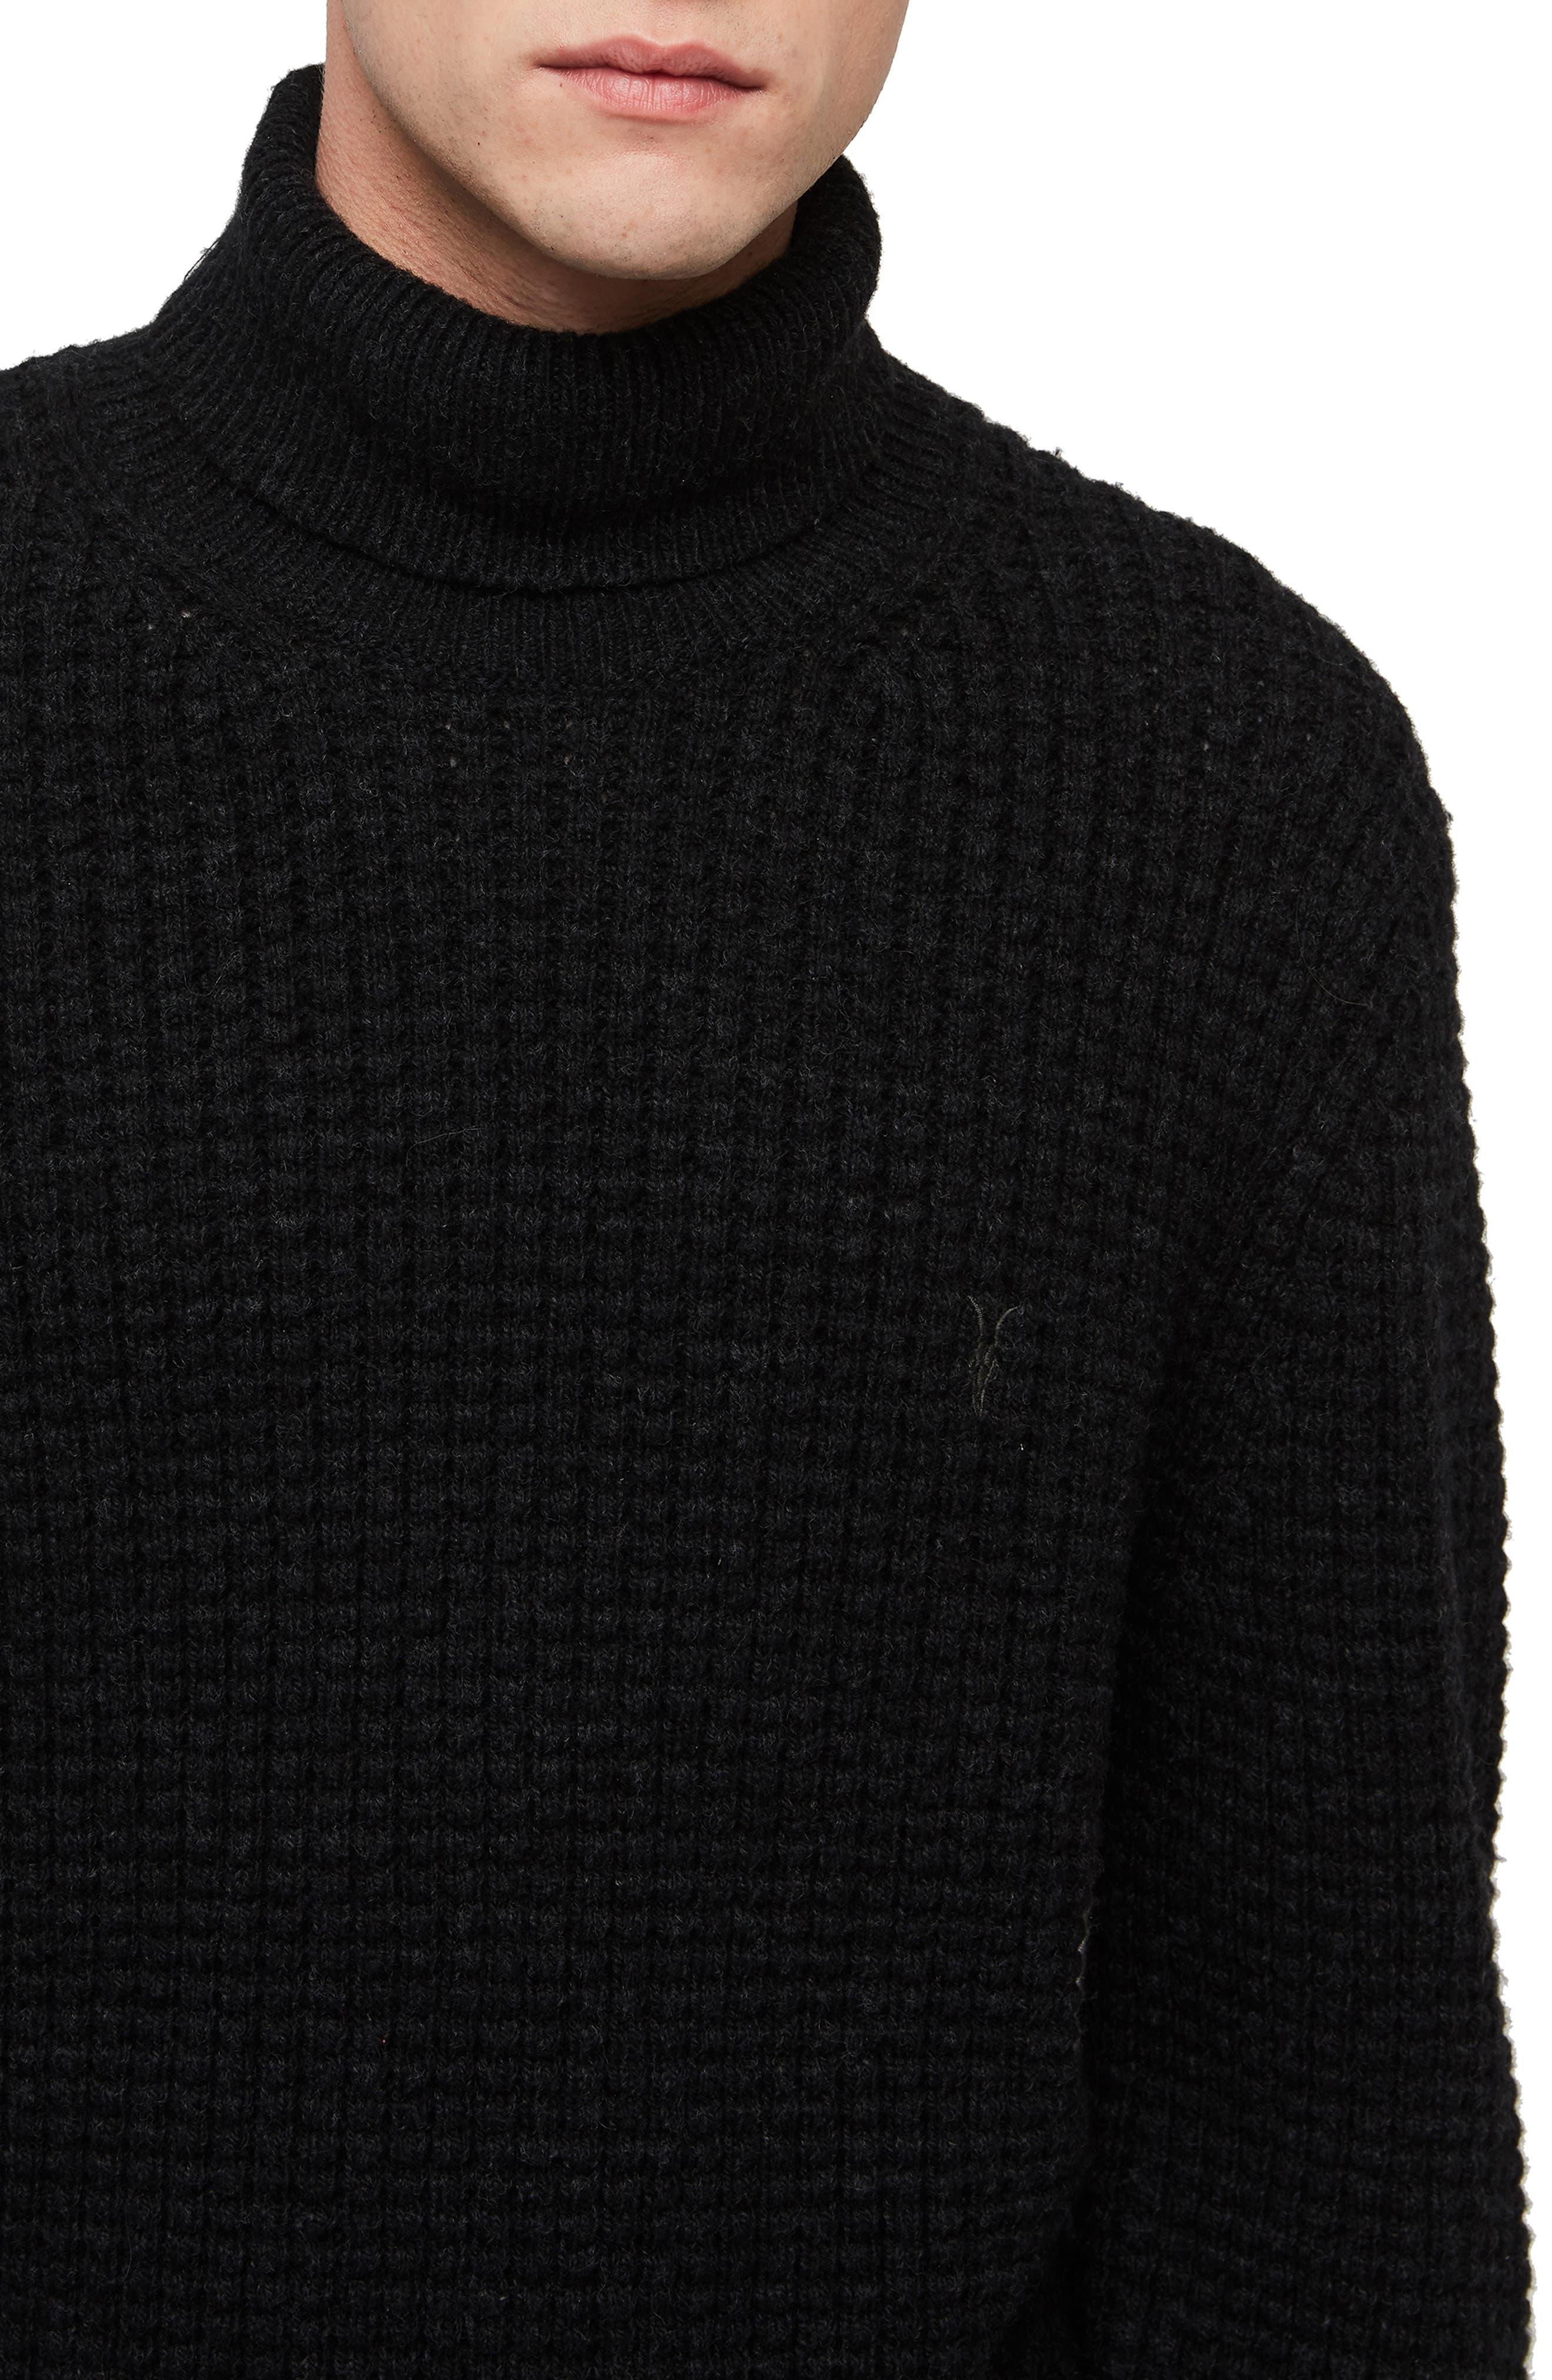 Mast Slim Fit Funnel Neck Sweater,                             Alternate thumbnail 3, color,                             CINDER BLACK MARL